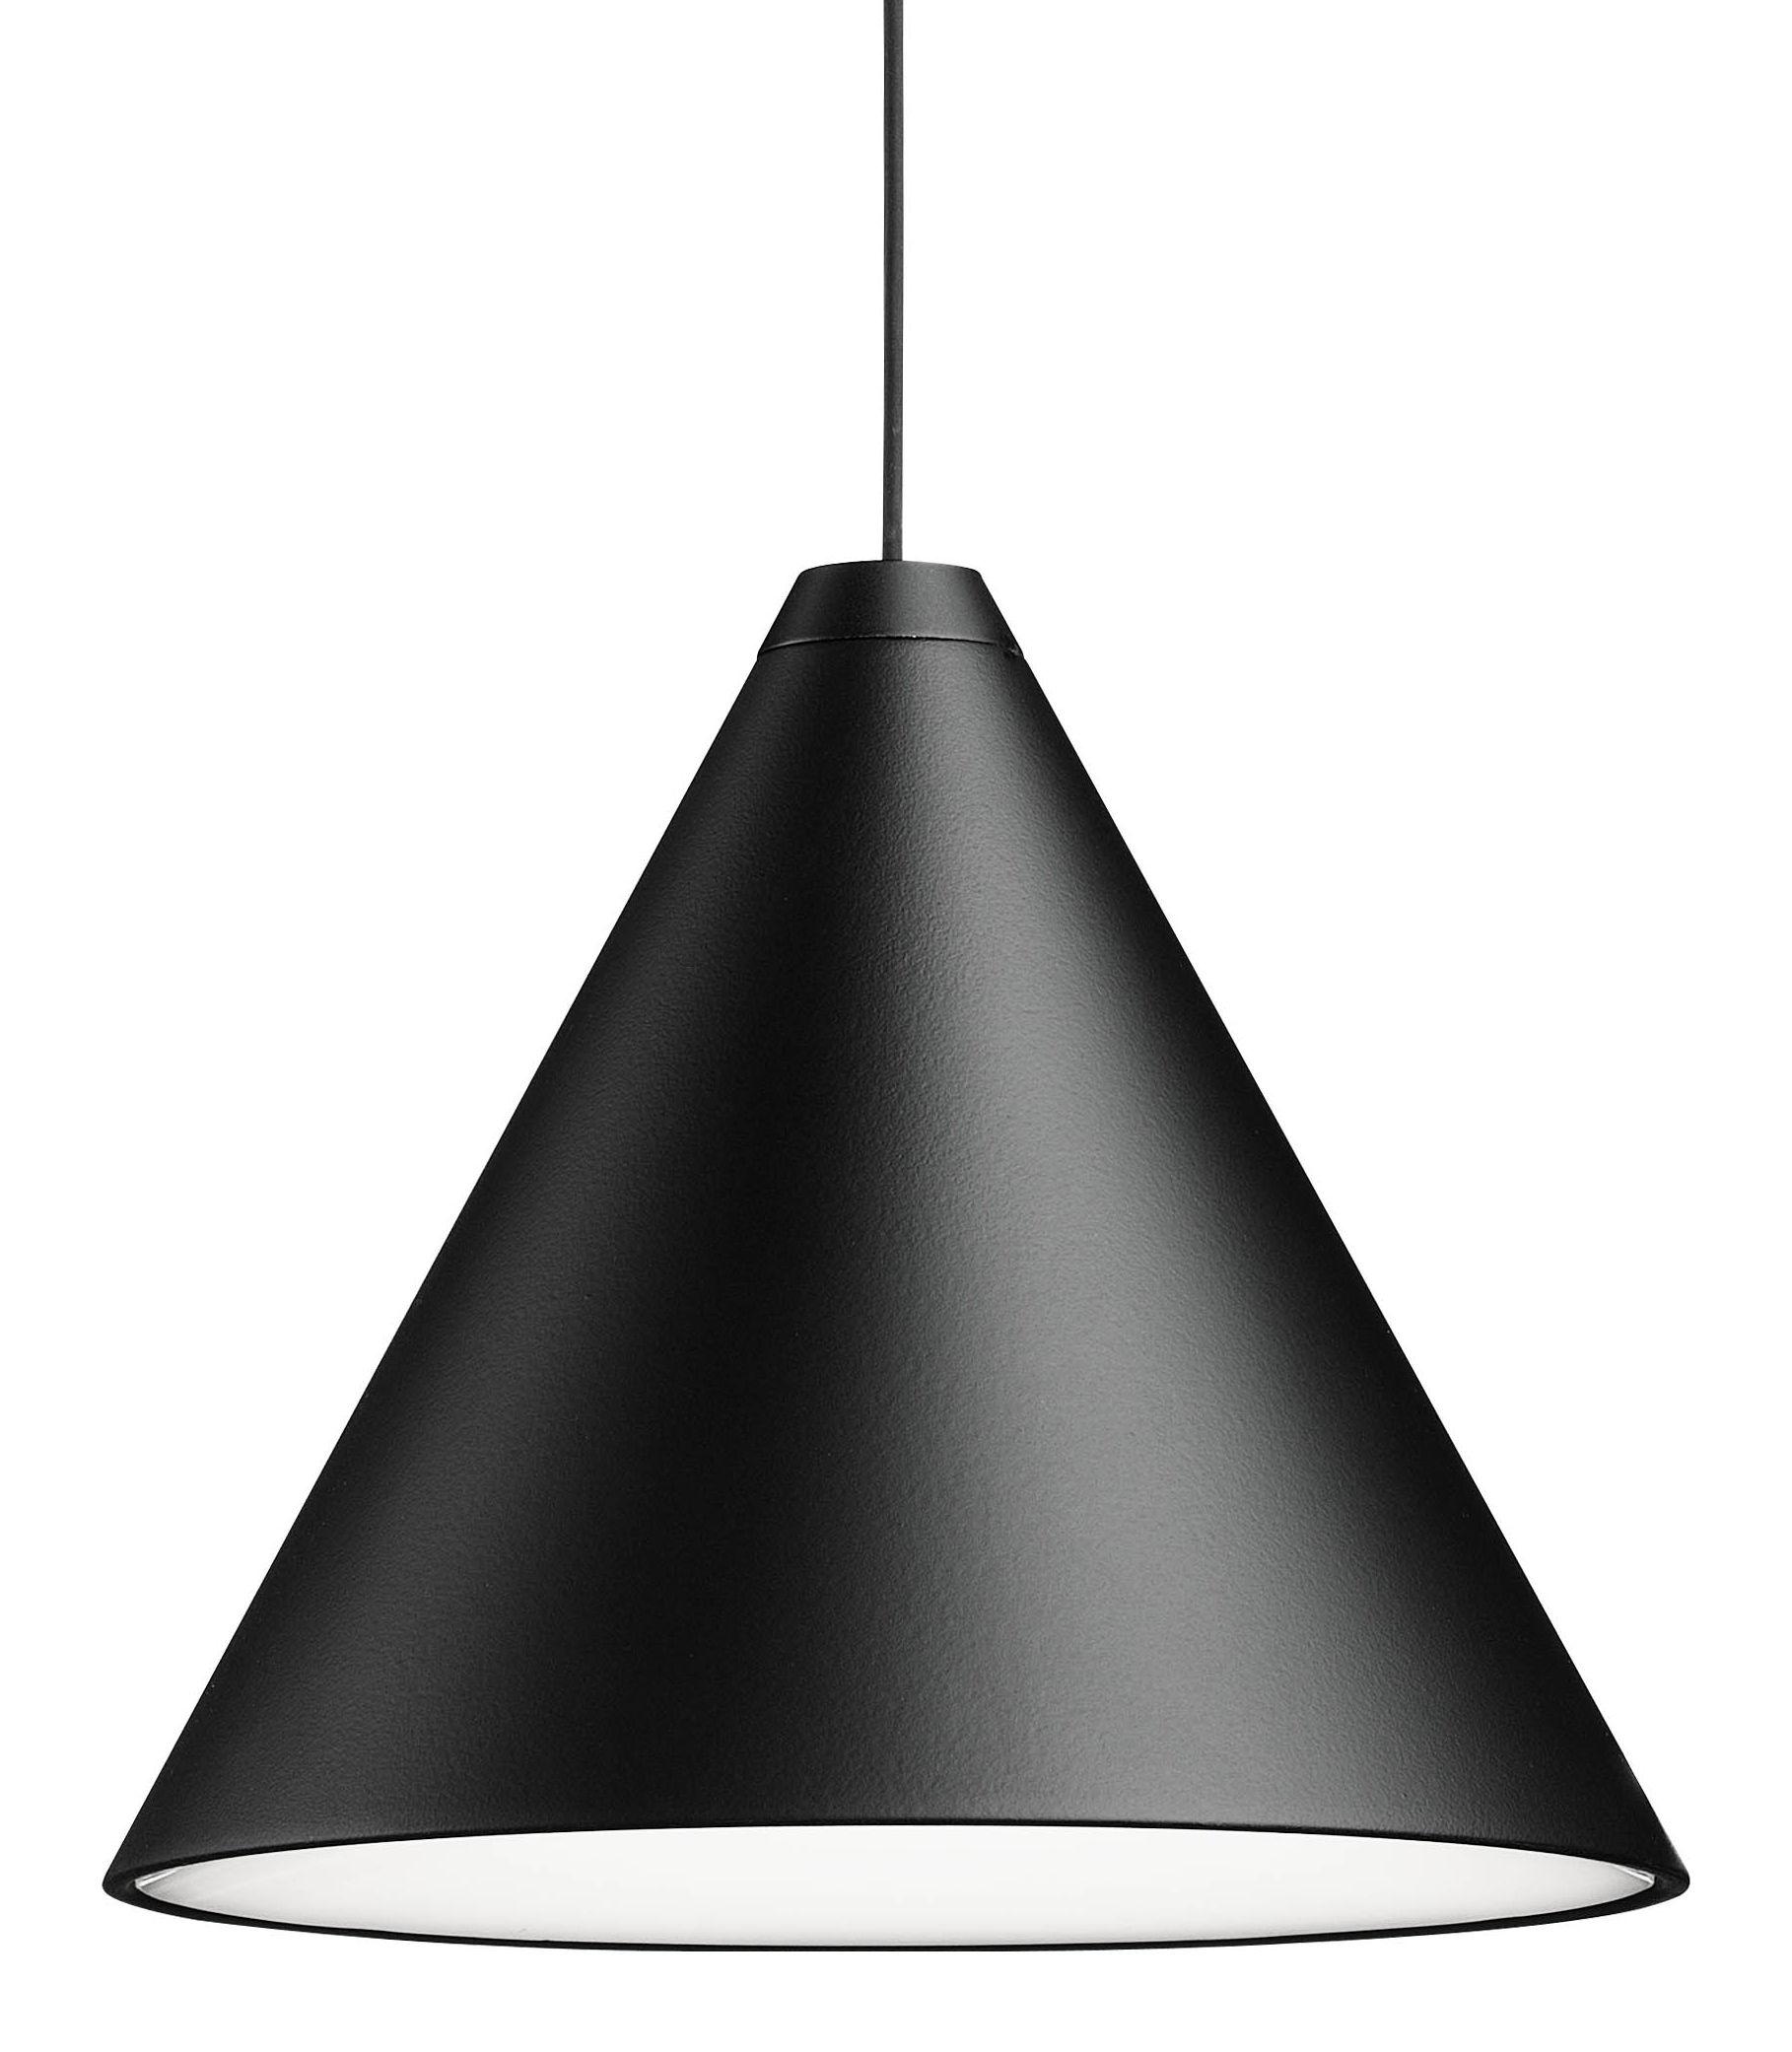 Luminaire - Suspensions - Suspension String Light Cone LED / Câble décoratif de 12 mètres - Flos - Suspension Cône / Noir - Aluminium peint, Polycarbonate, Tissu